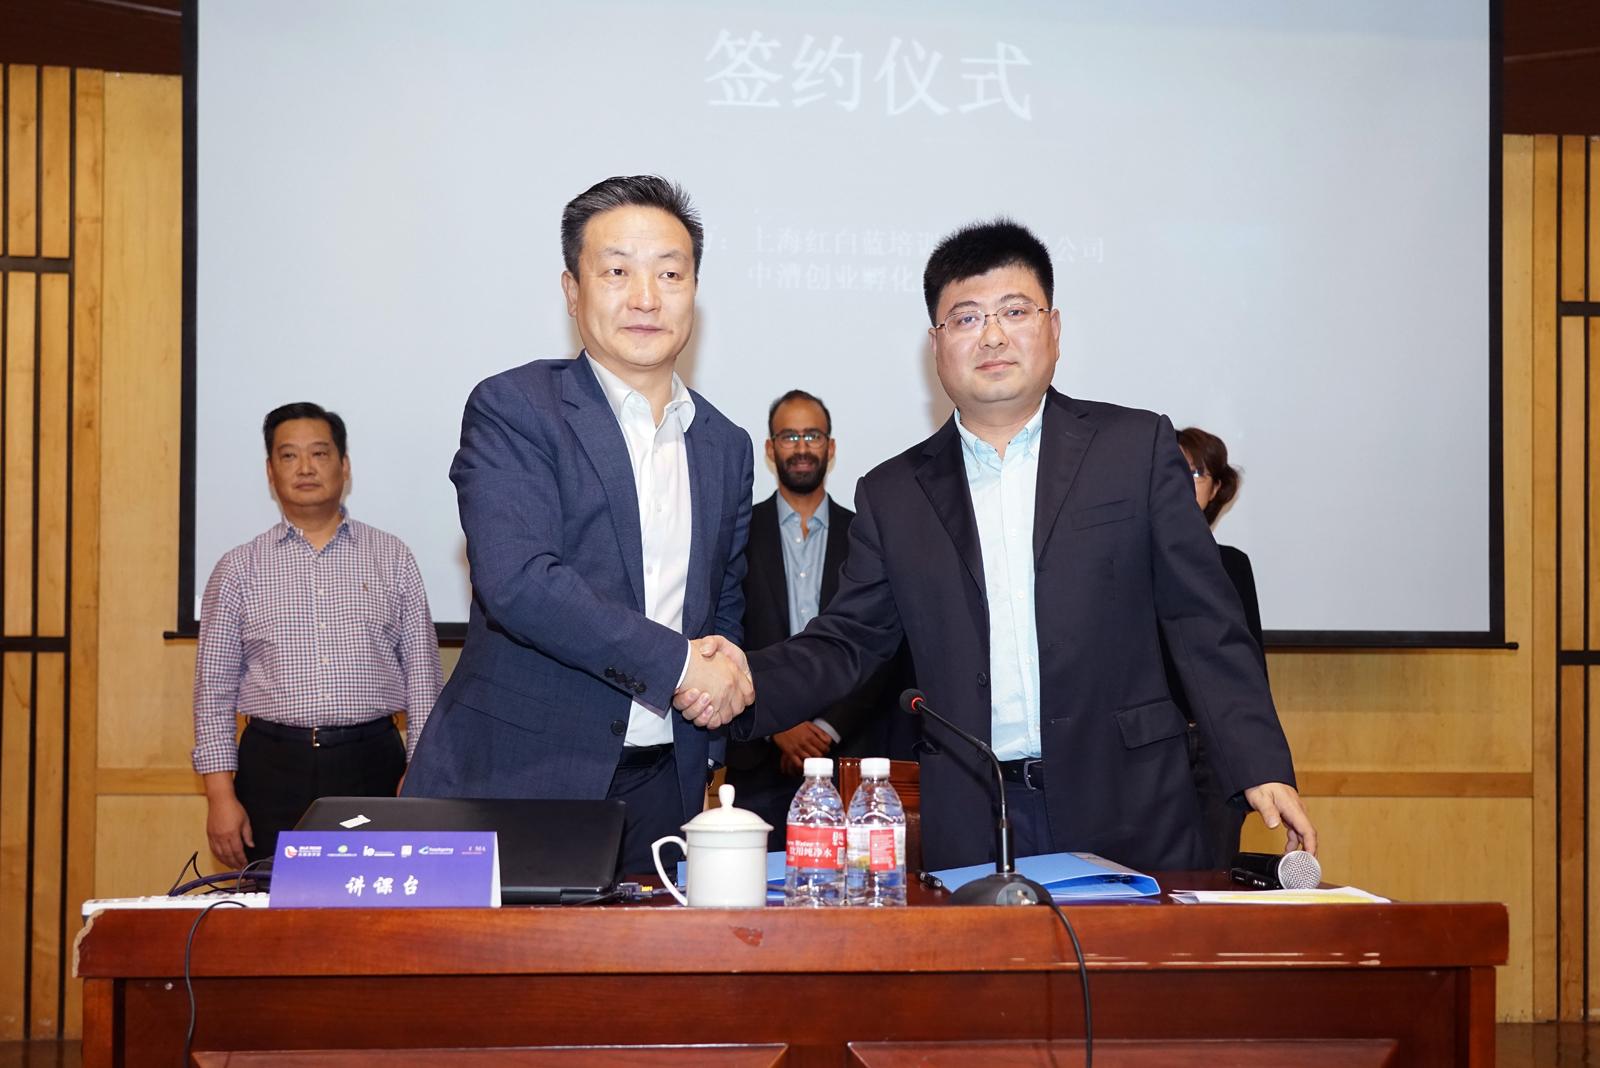 """中漕创业孵化器与上海红白蓝培训学校有限公司签署了为奉贤区招商引资服务打造的""""丝路加速器""""项目。"""